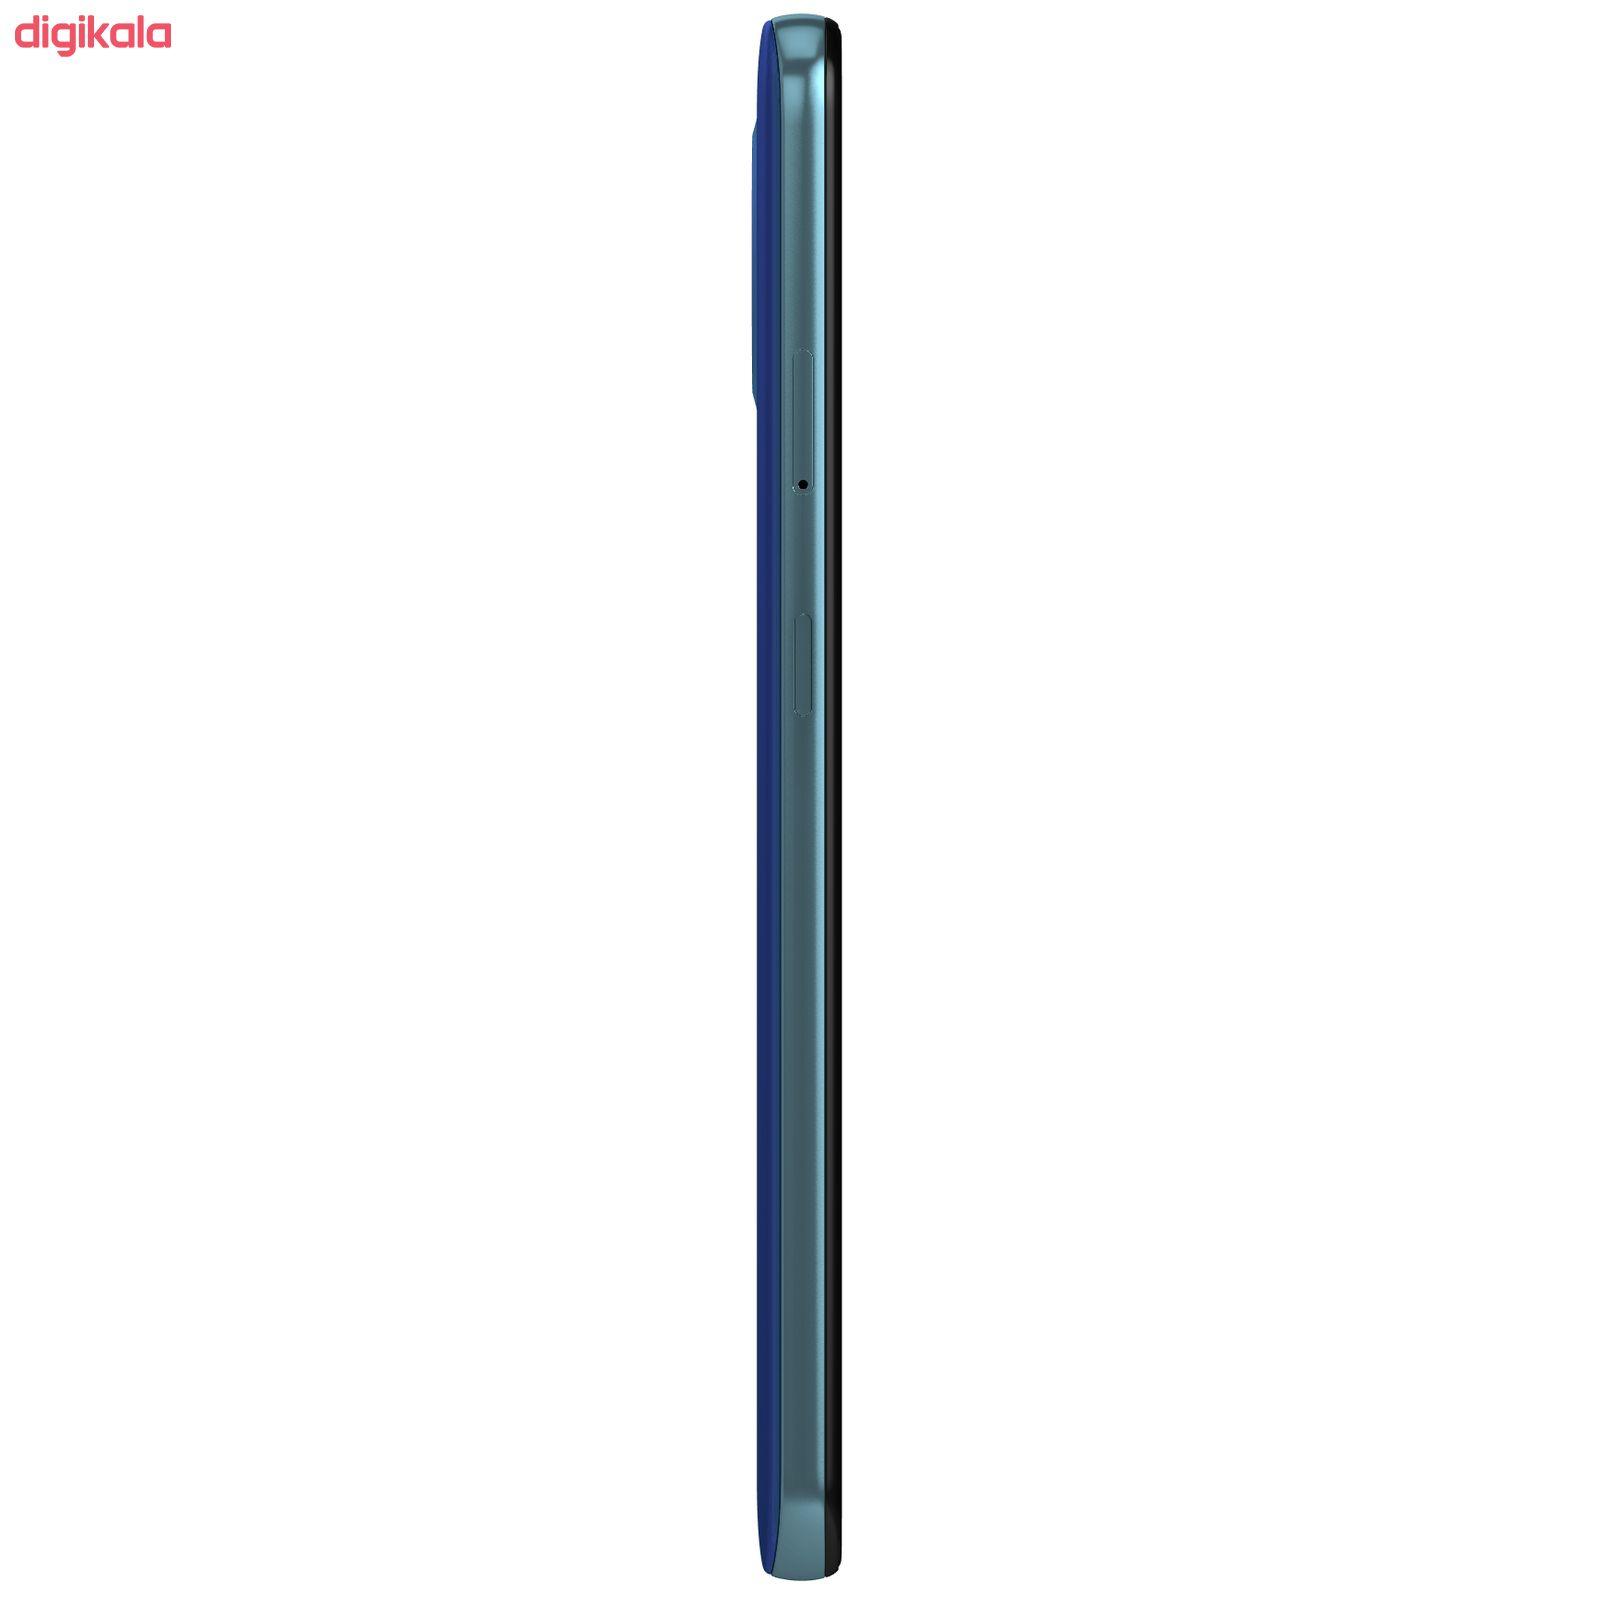 گوشی موبایل نوکیا مدل 3.4 دو سیم کارت ظرفیت 64 گیگابایت و رم 3 گیگابایت